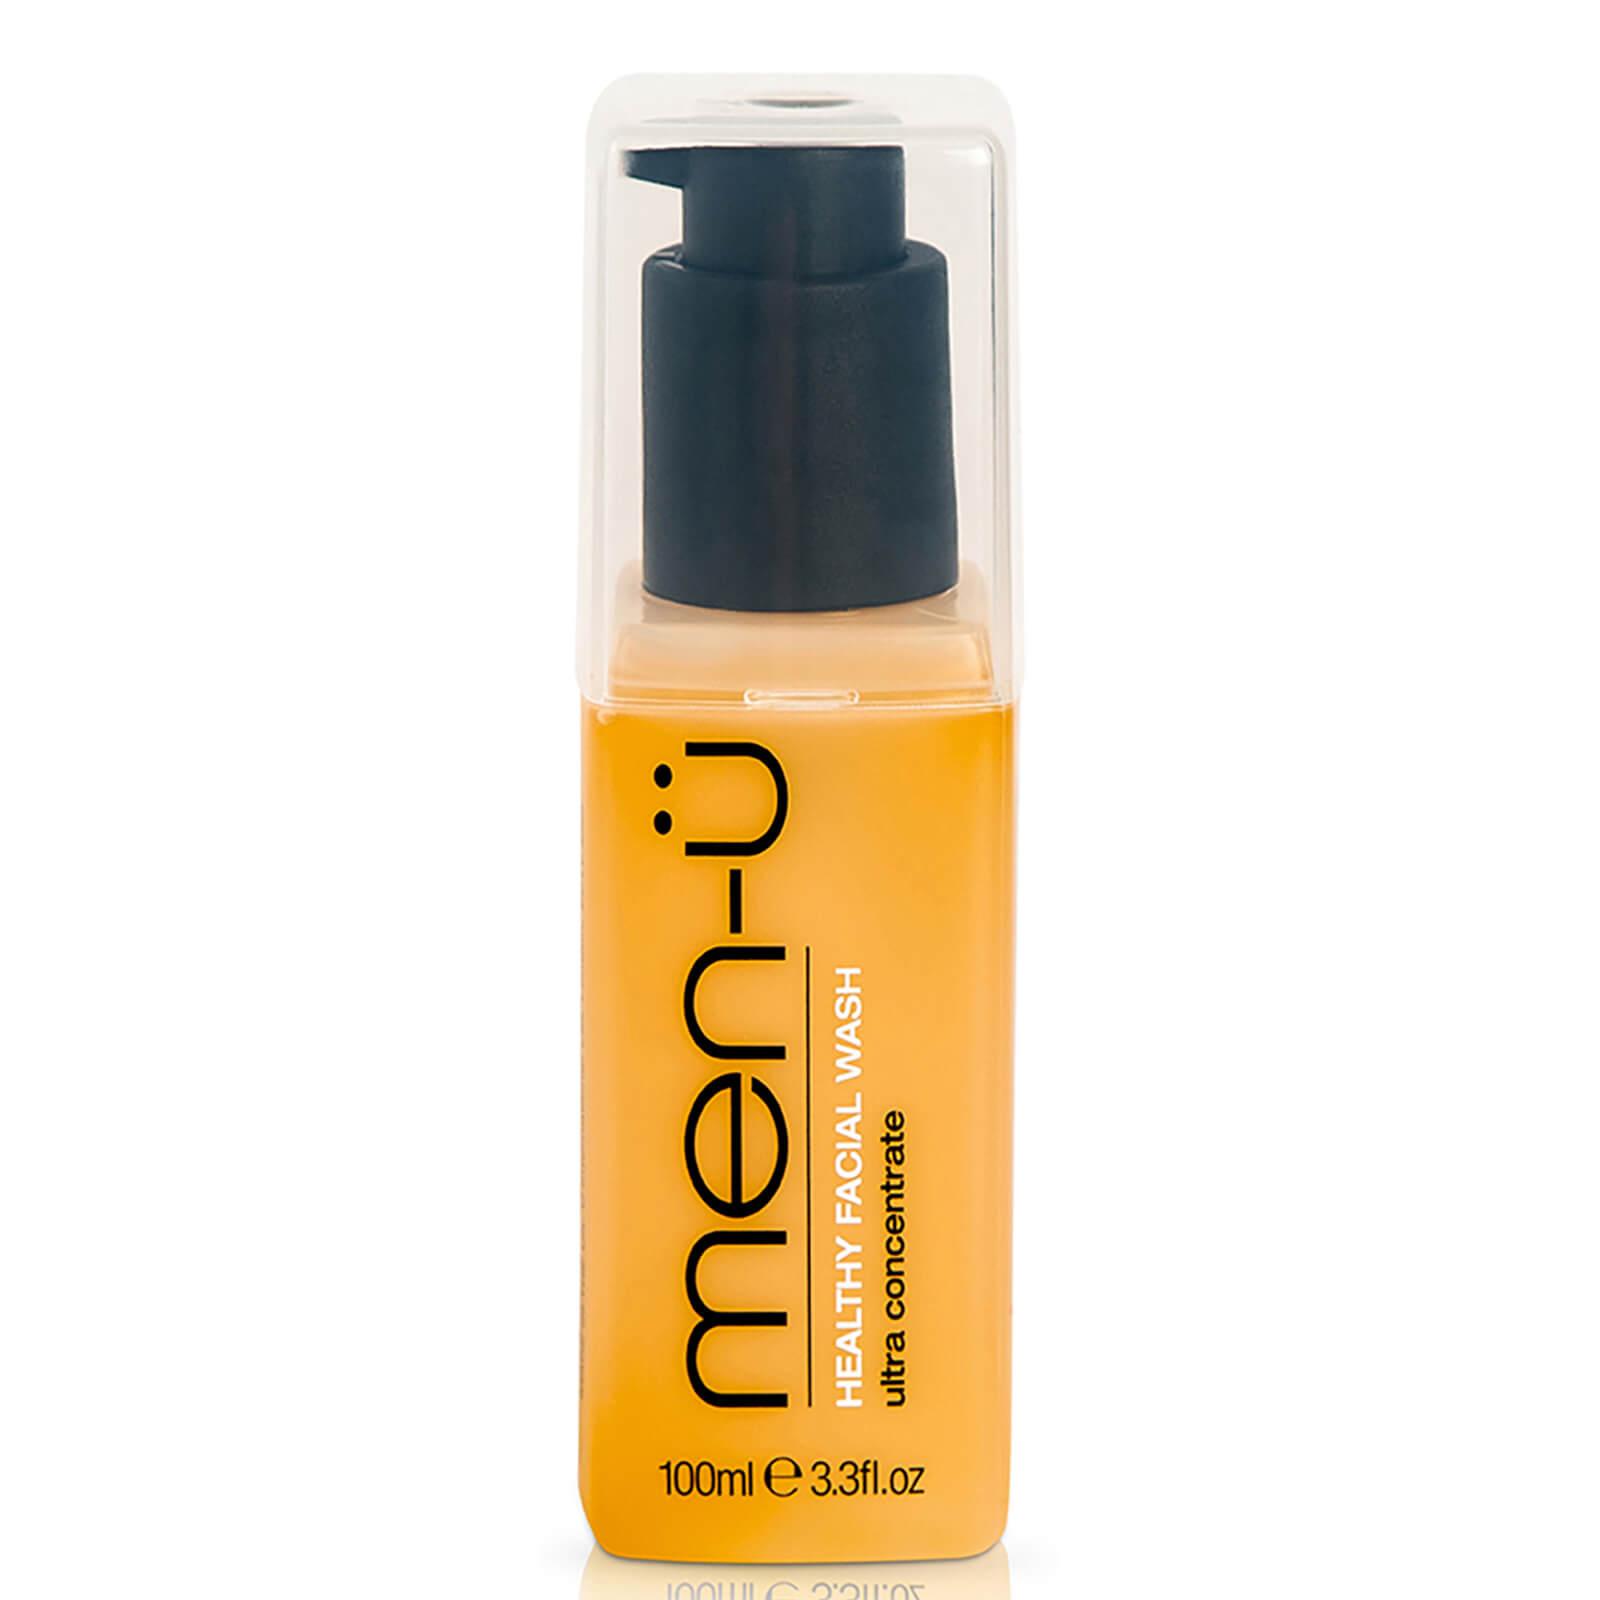 men-ü Healthy Facial Wash 100ml - With Pump